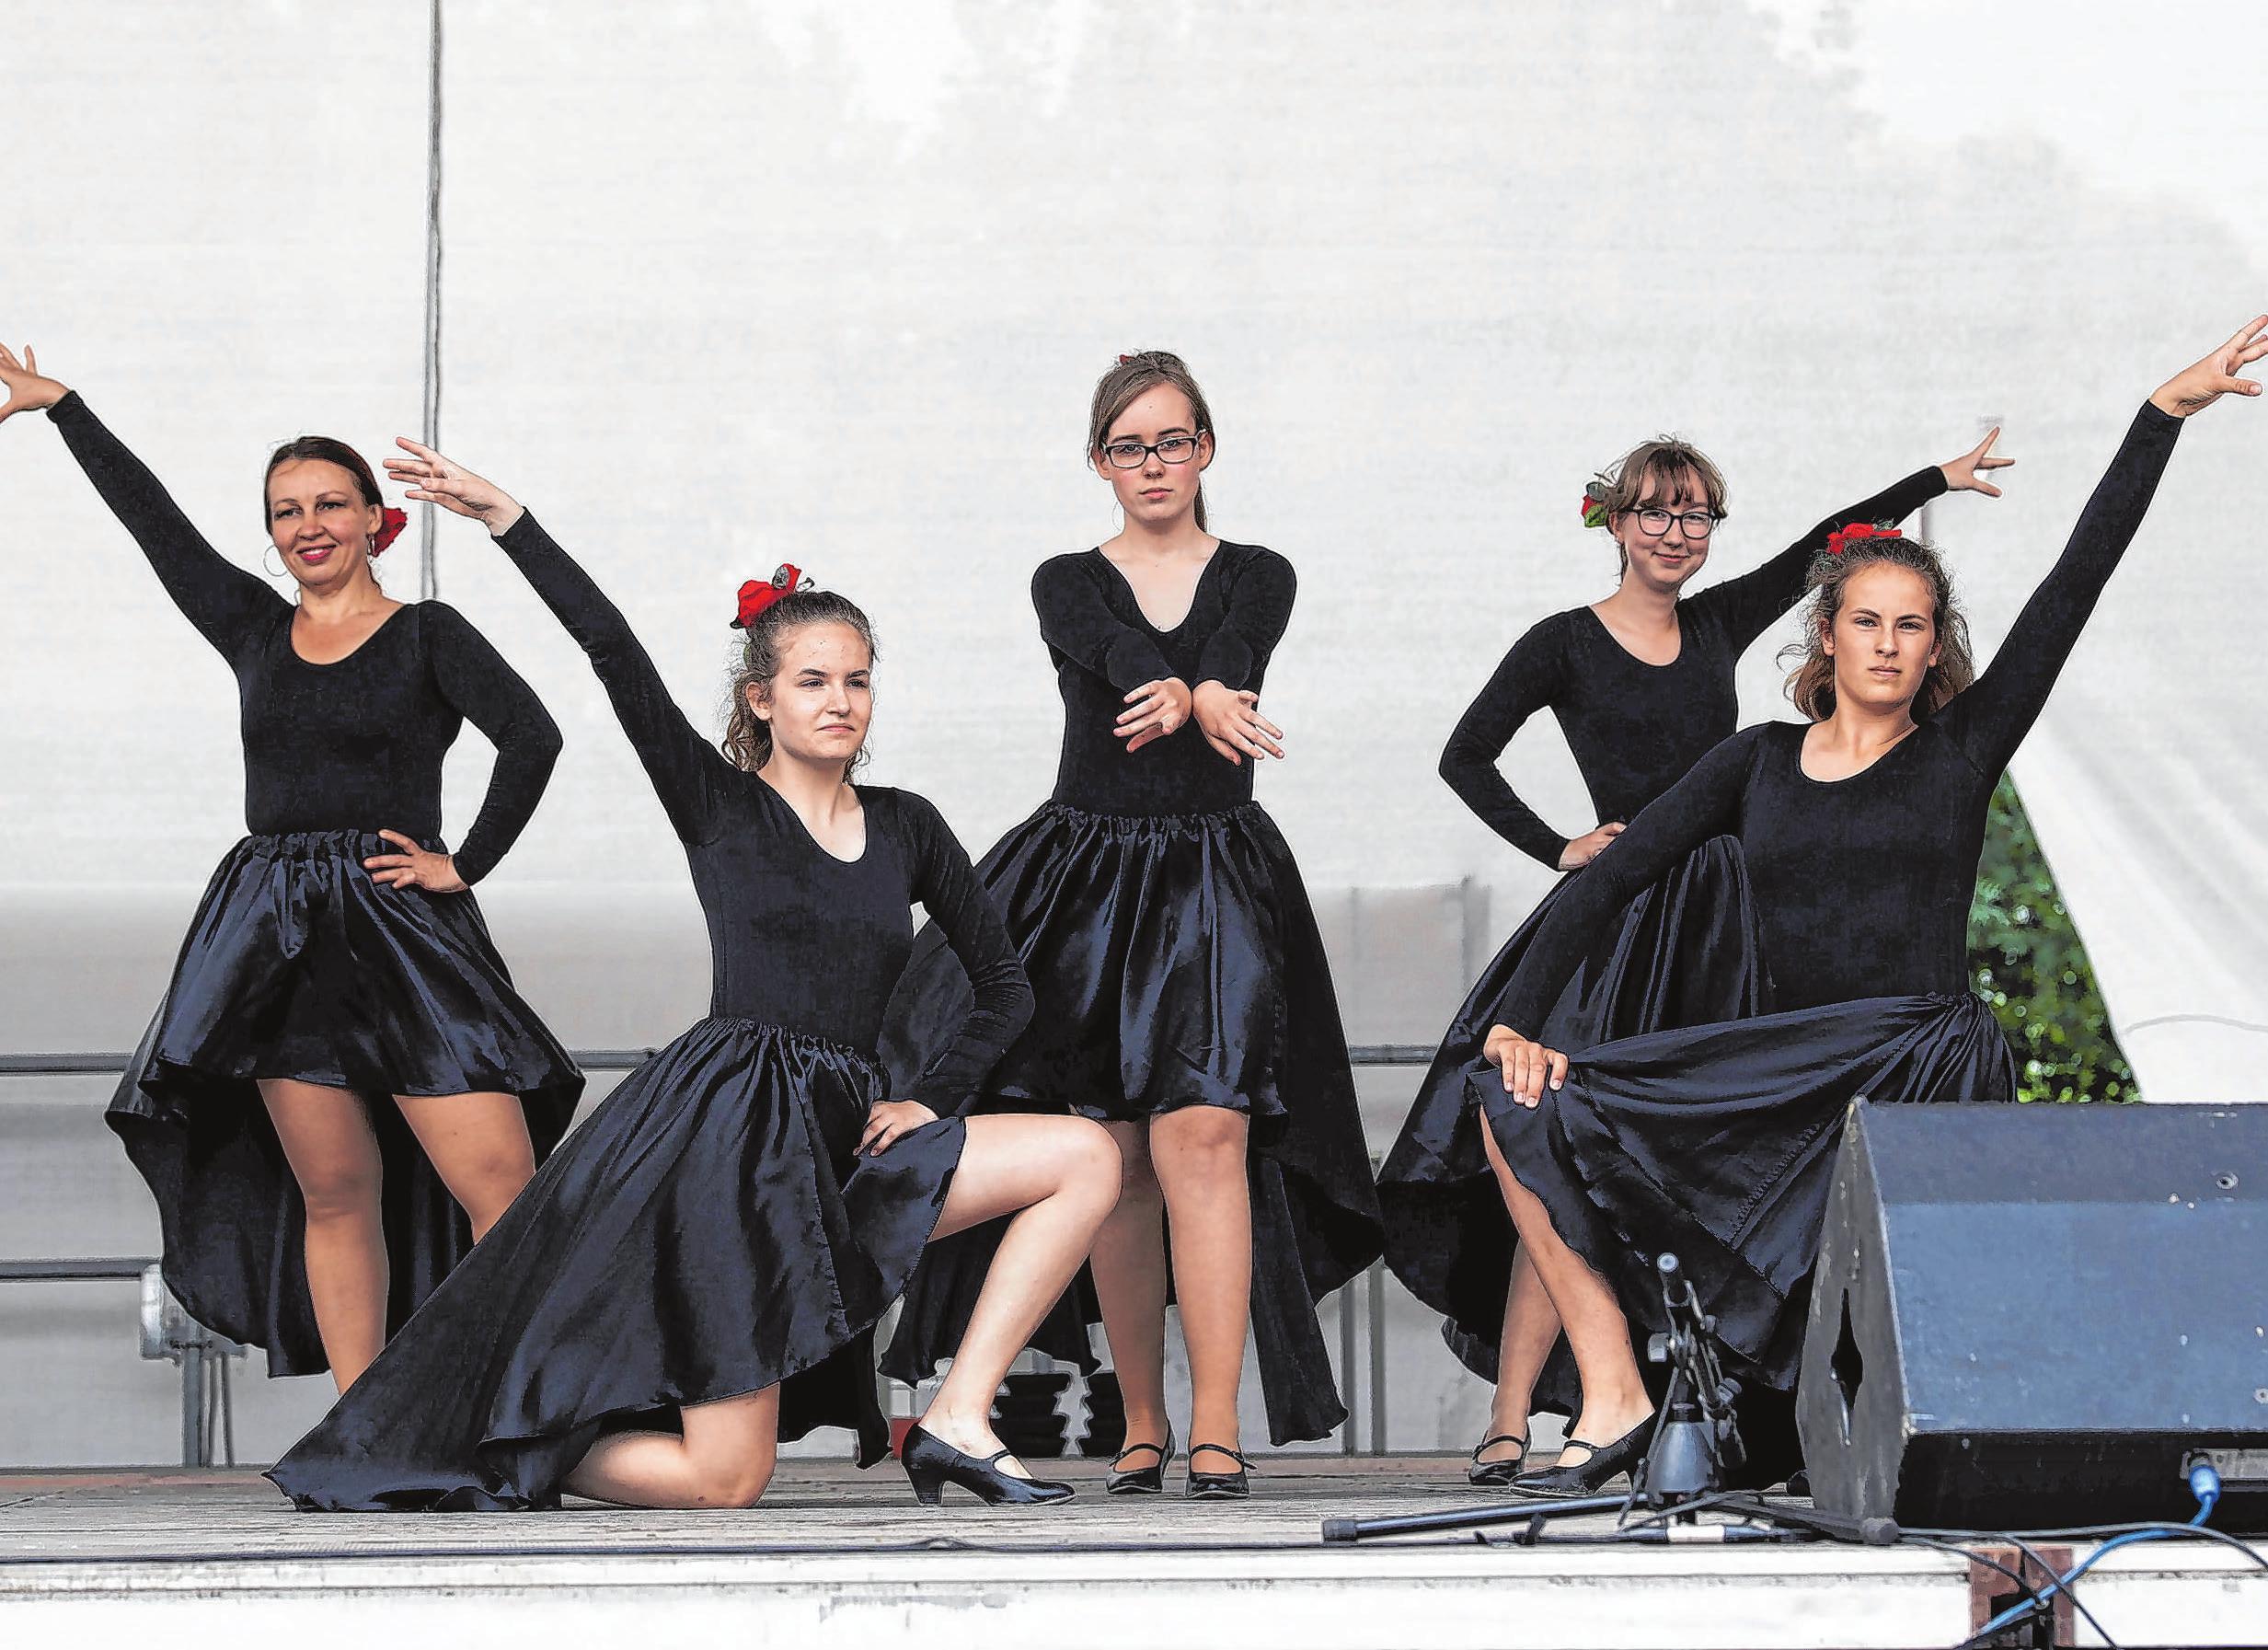 """Tanzgruppe der Musik- und Kunstschule Havelland, """"Fantasia"""" zeigt nicht als einzige in Darbietungen ihr Können. Foto: Weber"""